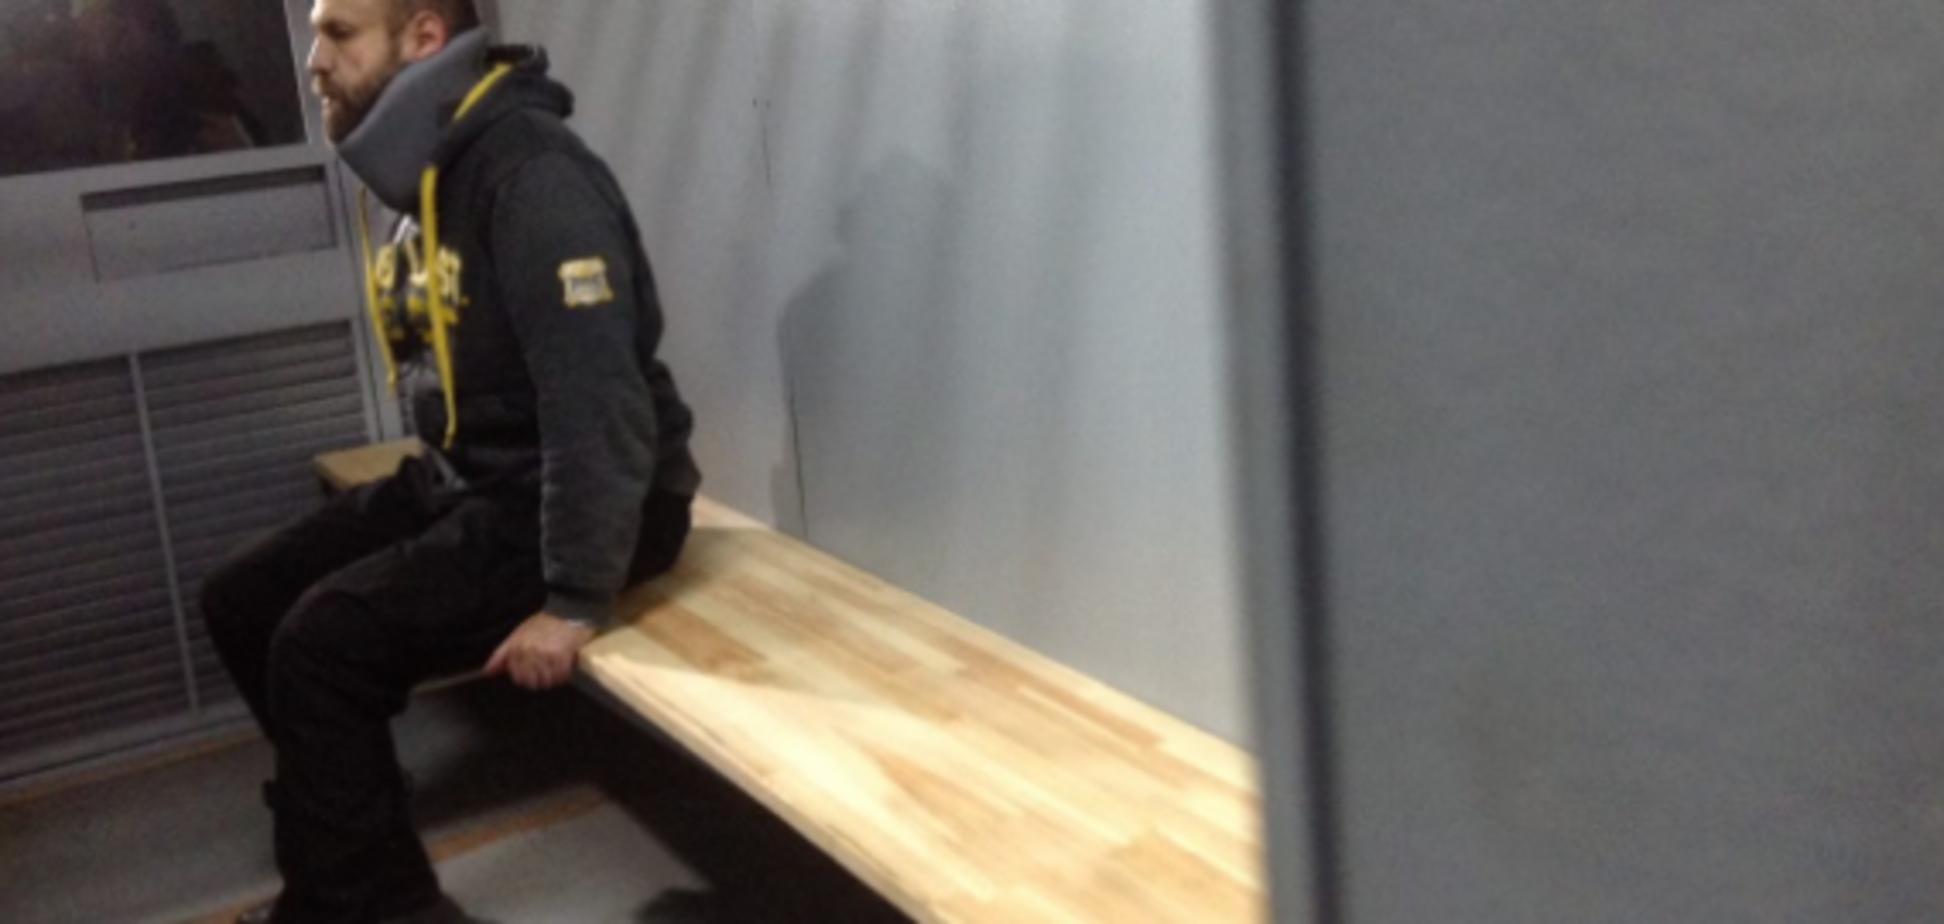 ДТП в Харькове: суд продлил арест подозреваемому